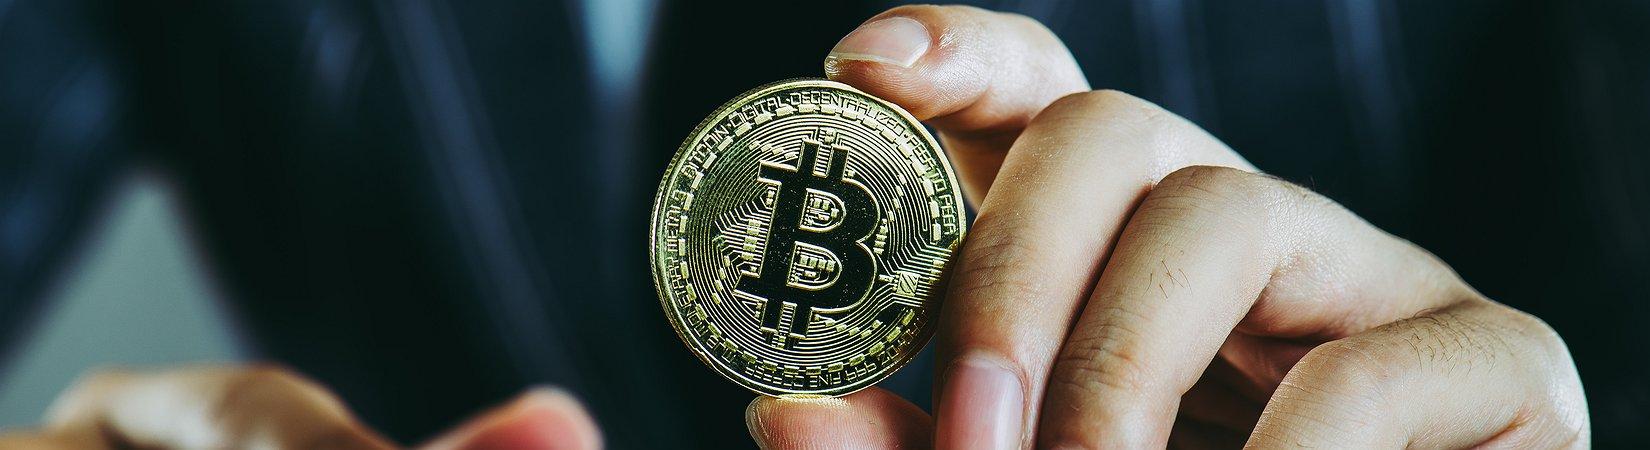 """CME Group: """"Lanceremo i futures sul bitcoin entro la fine dell'anno"""""""